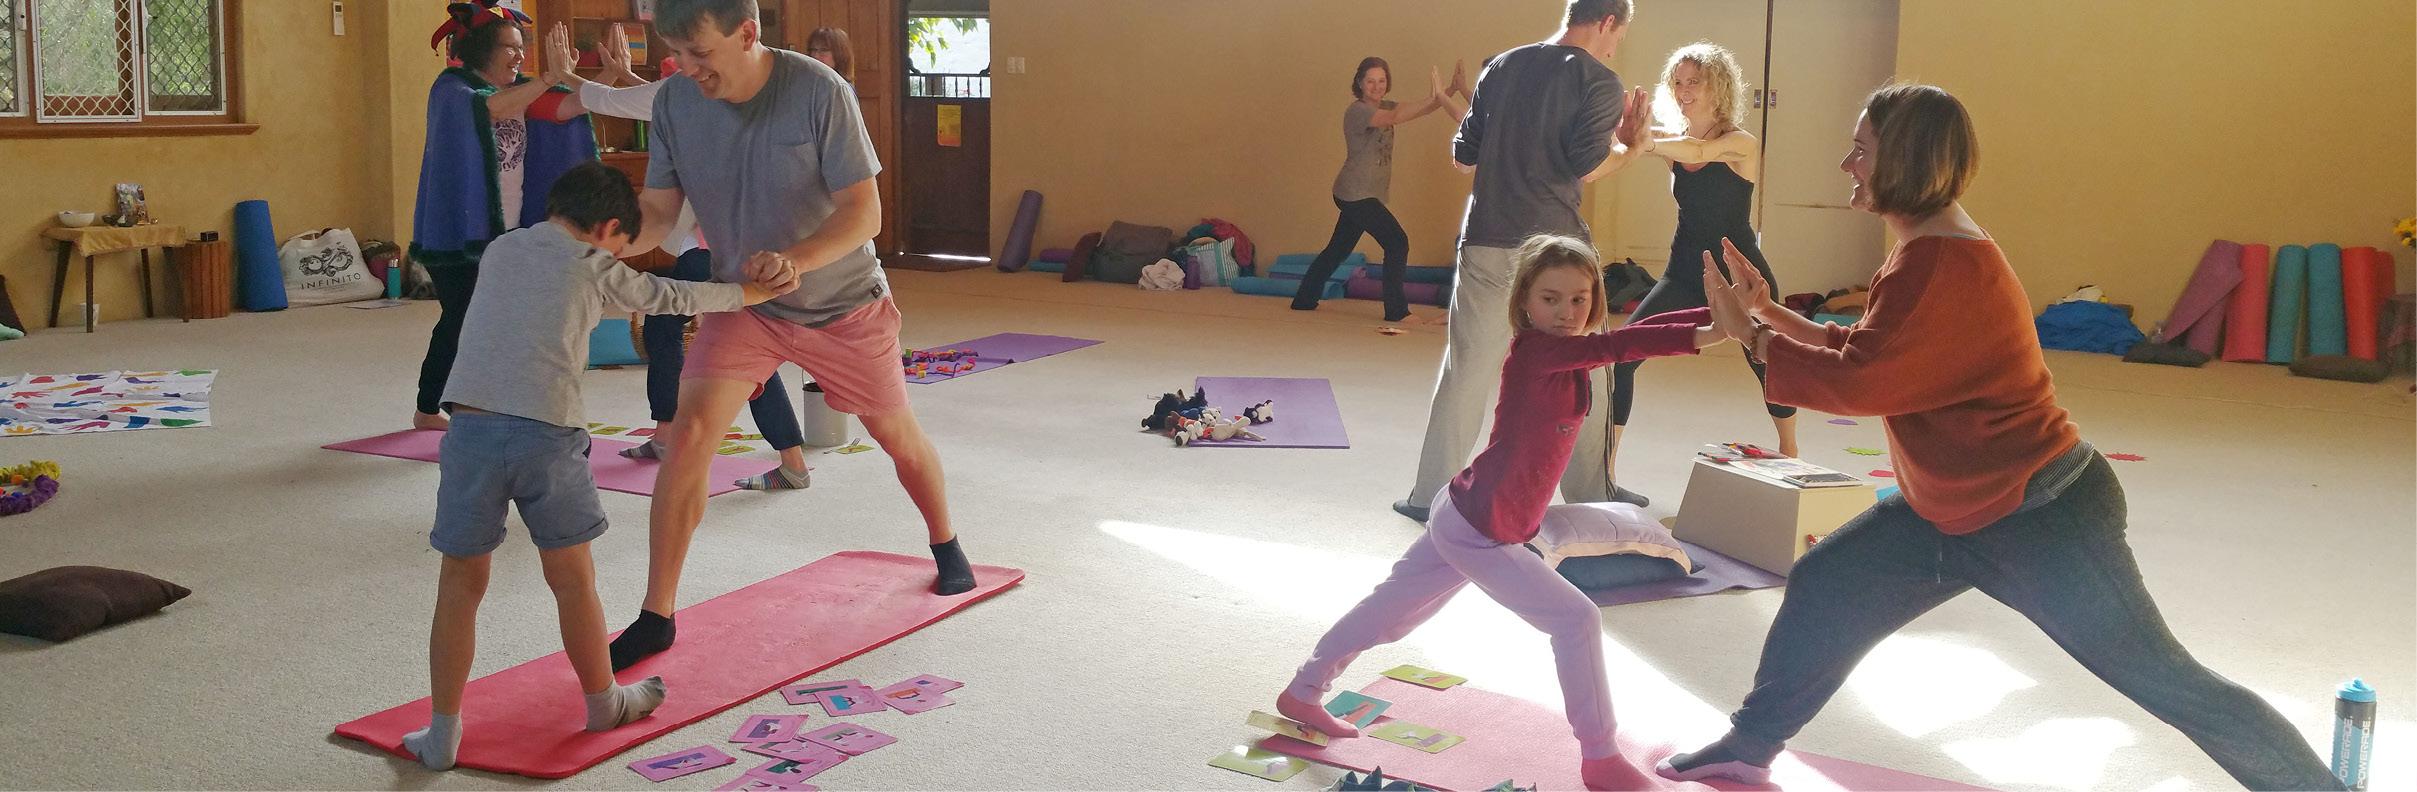 Meditation at Canberra Mens workshop